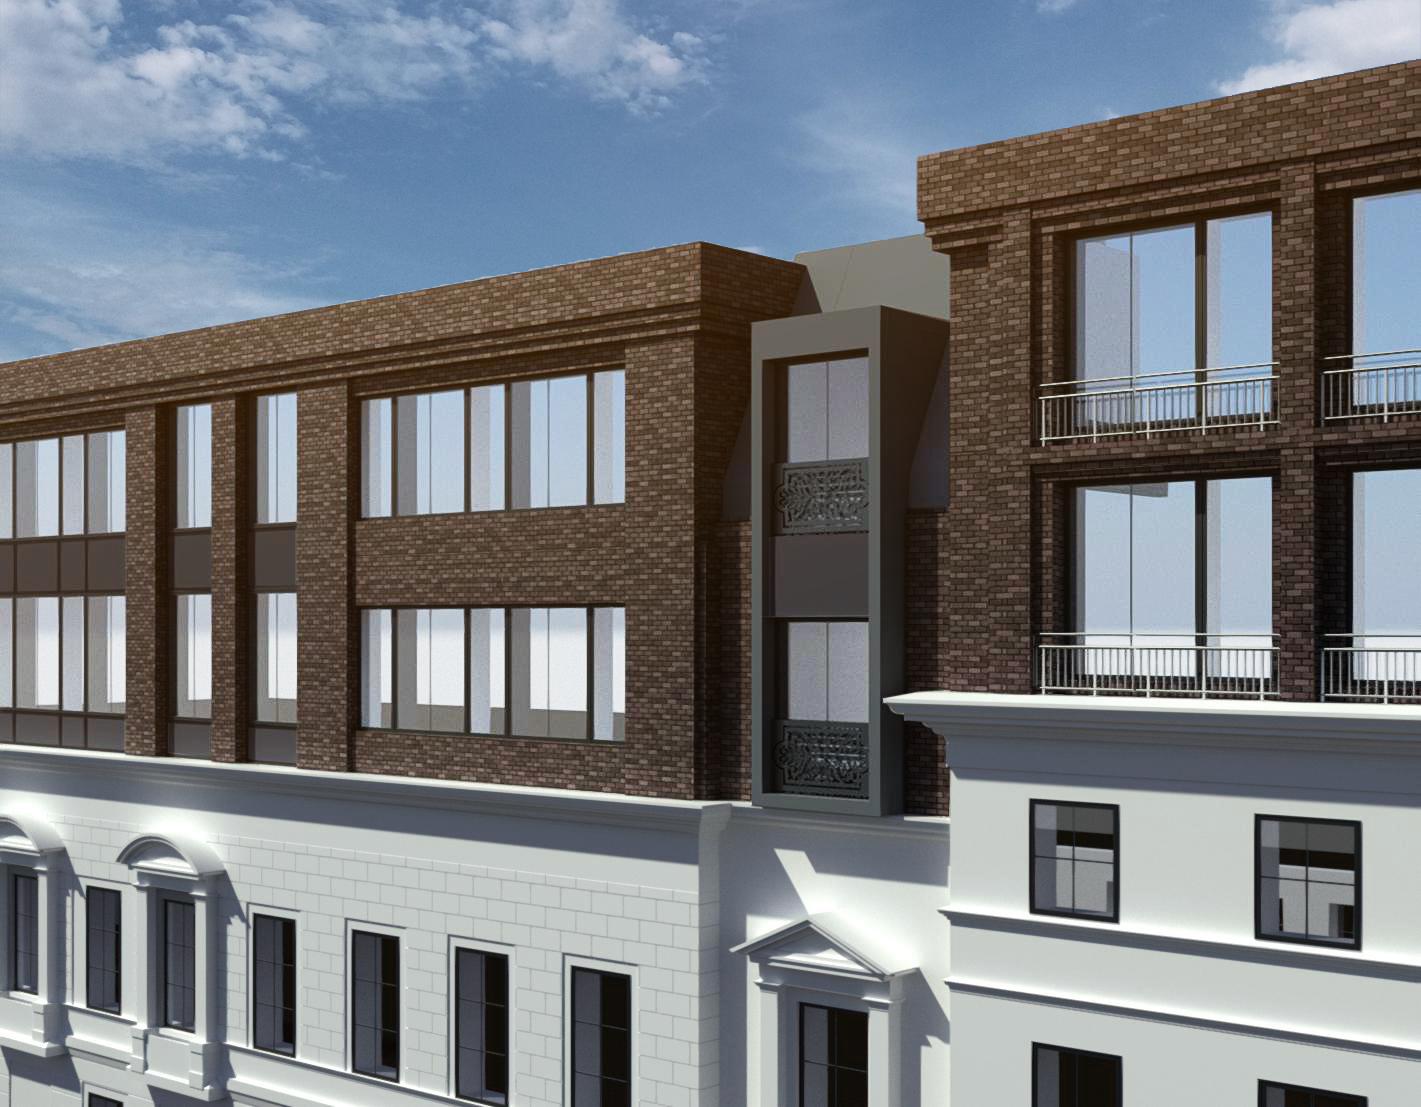 Концепция достройки фасада исторического здания фото f_4425c0969fe1b811.jpg